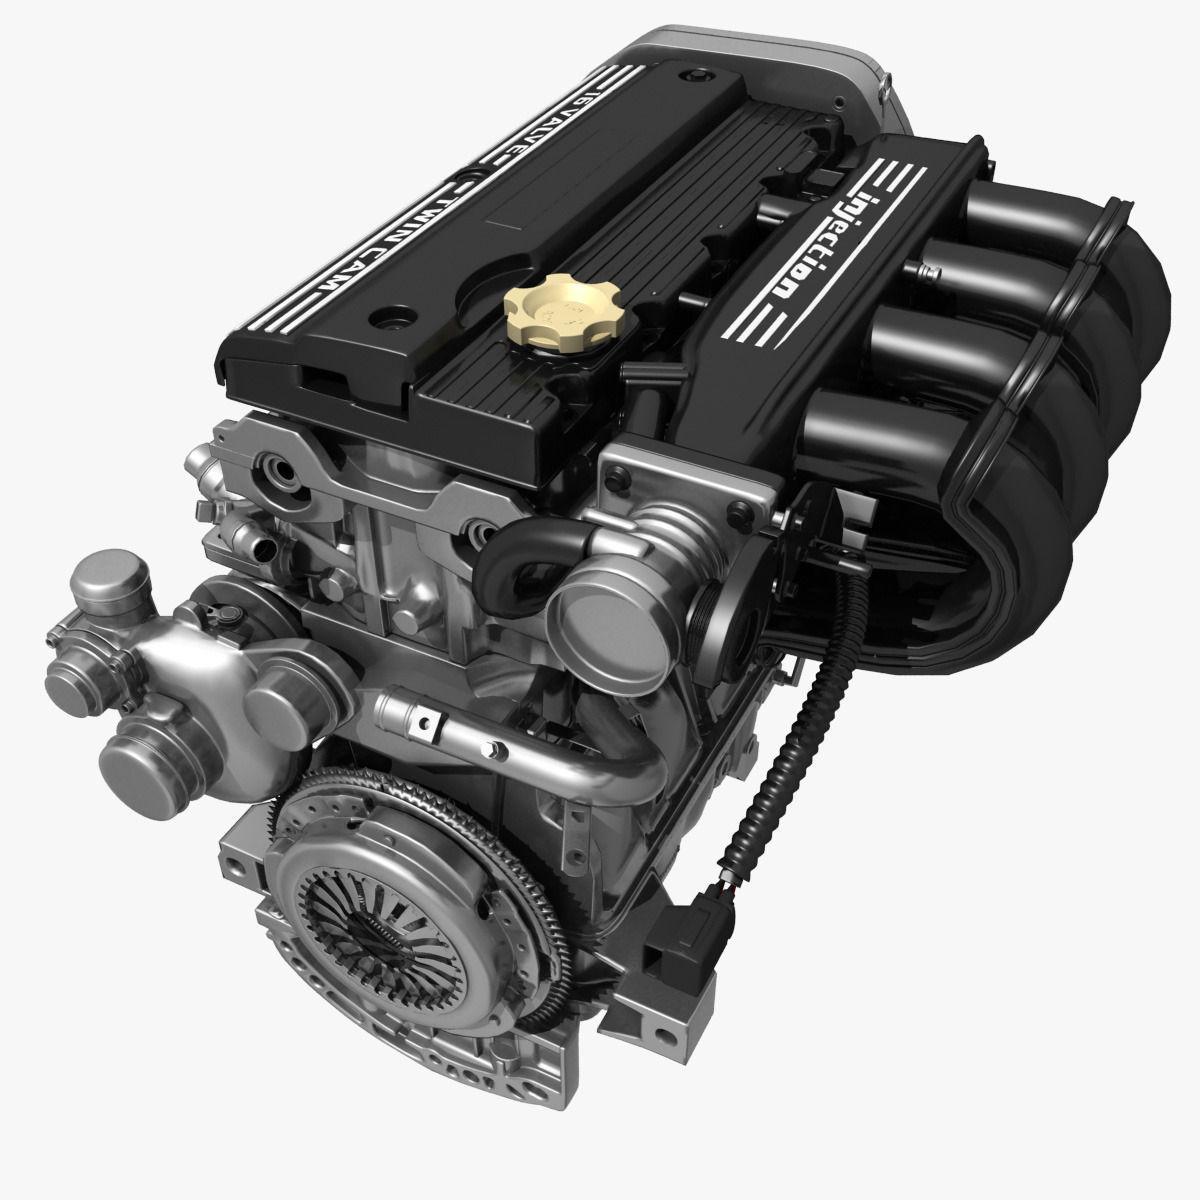 Car 4 Cylinder Engine 02 3D model | CGTrader